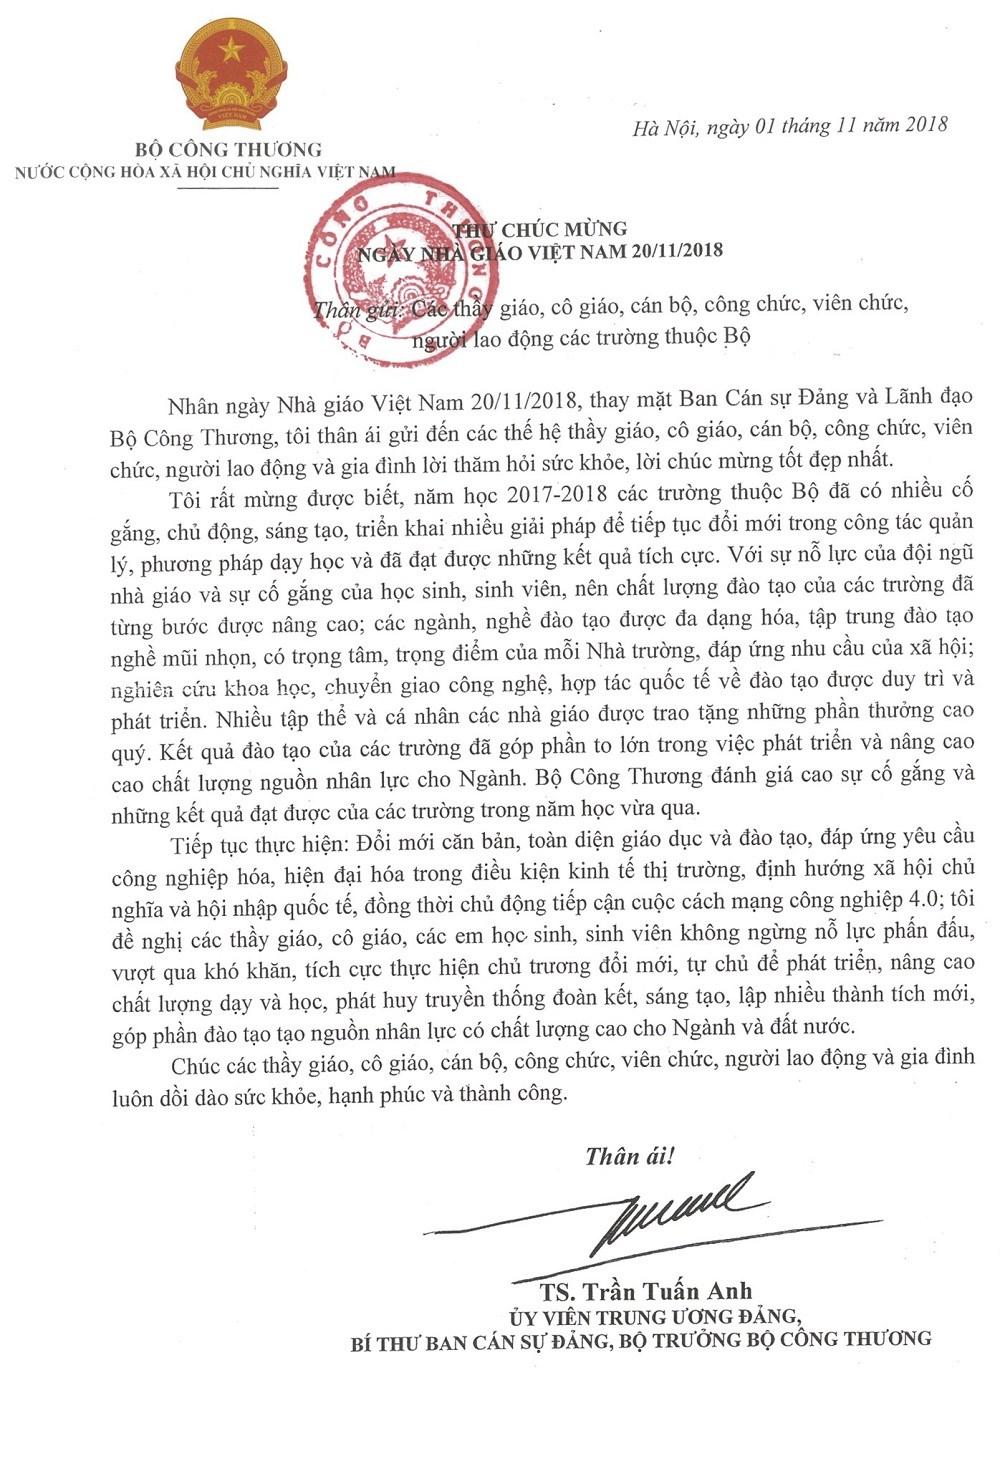 Thư chúc mừng ngày Nhà giáo Việt Nam 20/11 của Bộ trưởng Bộ Công Thương